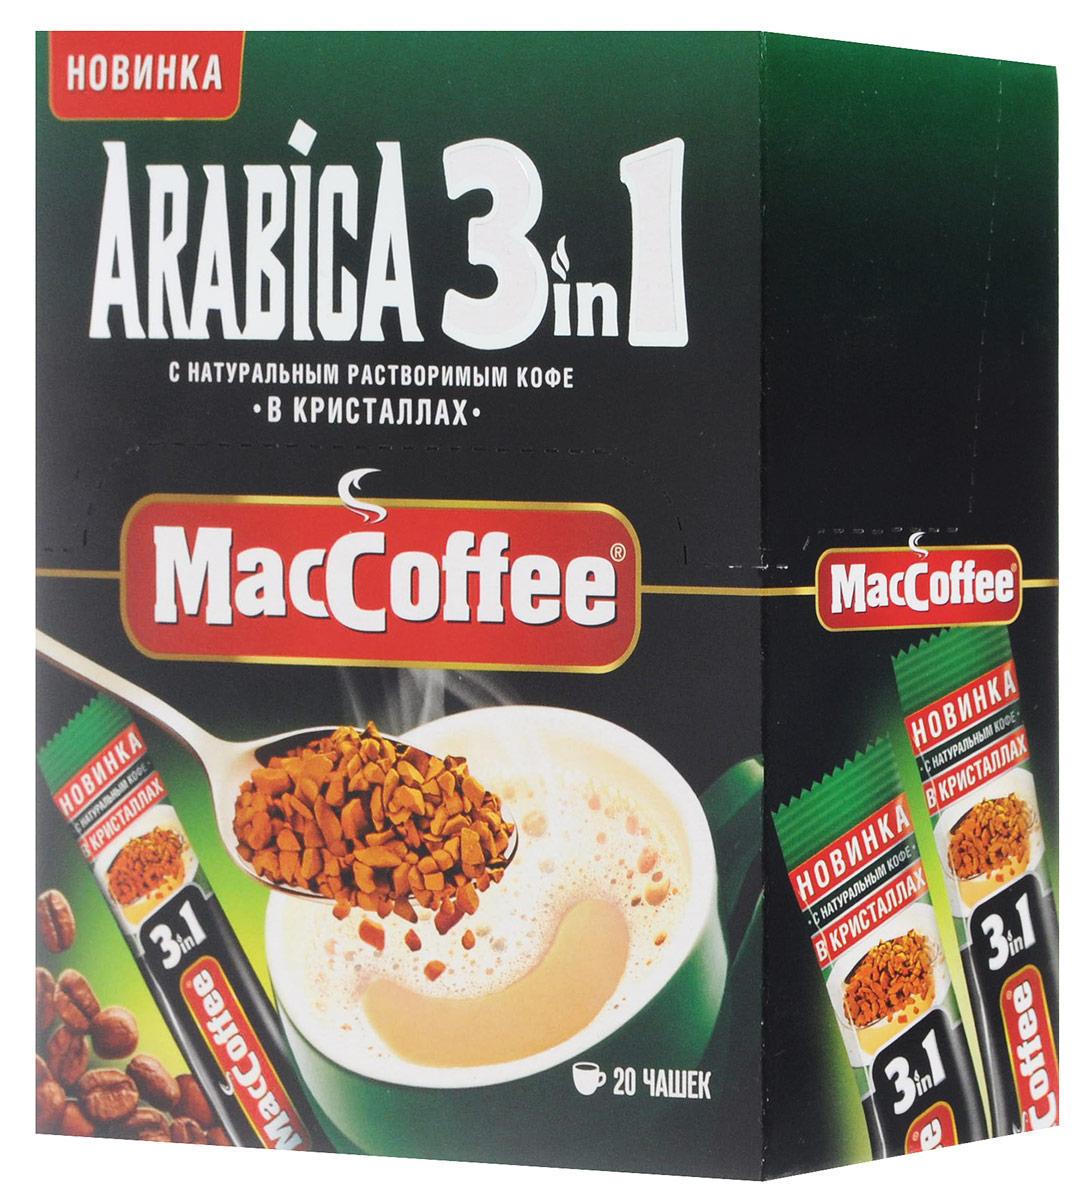 MacCoffee Arabica кофейный напиток 3 в 1 с натуральным растворимым кофе, 20 шт5219918MacCoffee представляет новинку на рынке России - первый кофейный напиток с настоящими кристаллами freeze-dried. Как известно, эта технология глубокой заморозки обеспечивает сохранение первоначального вкуса и аромата кофейных зерен.